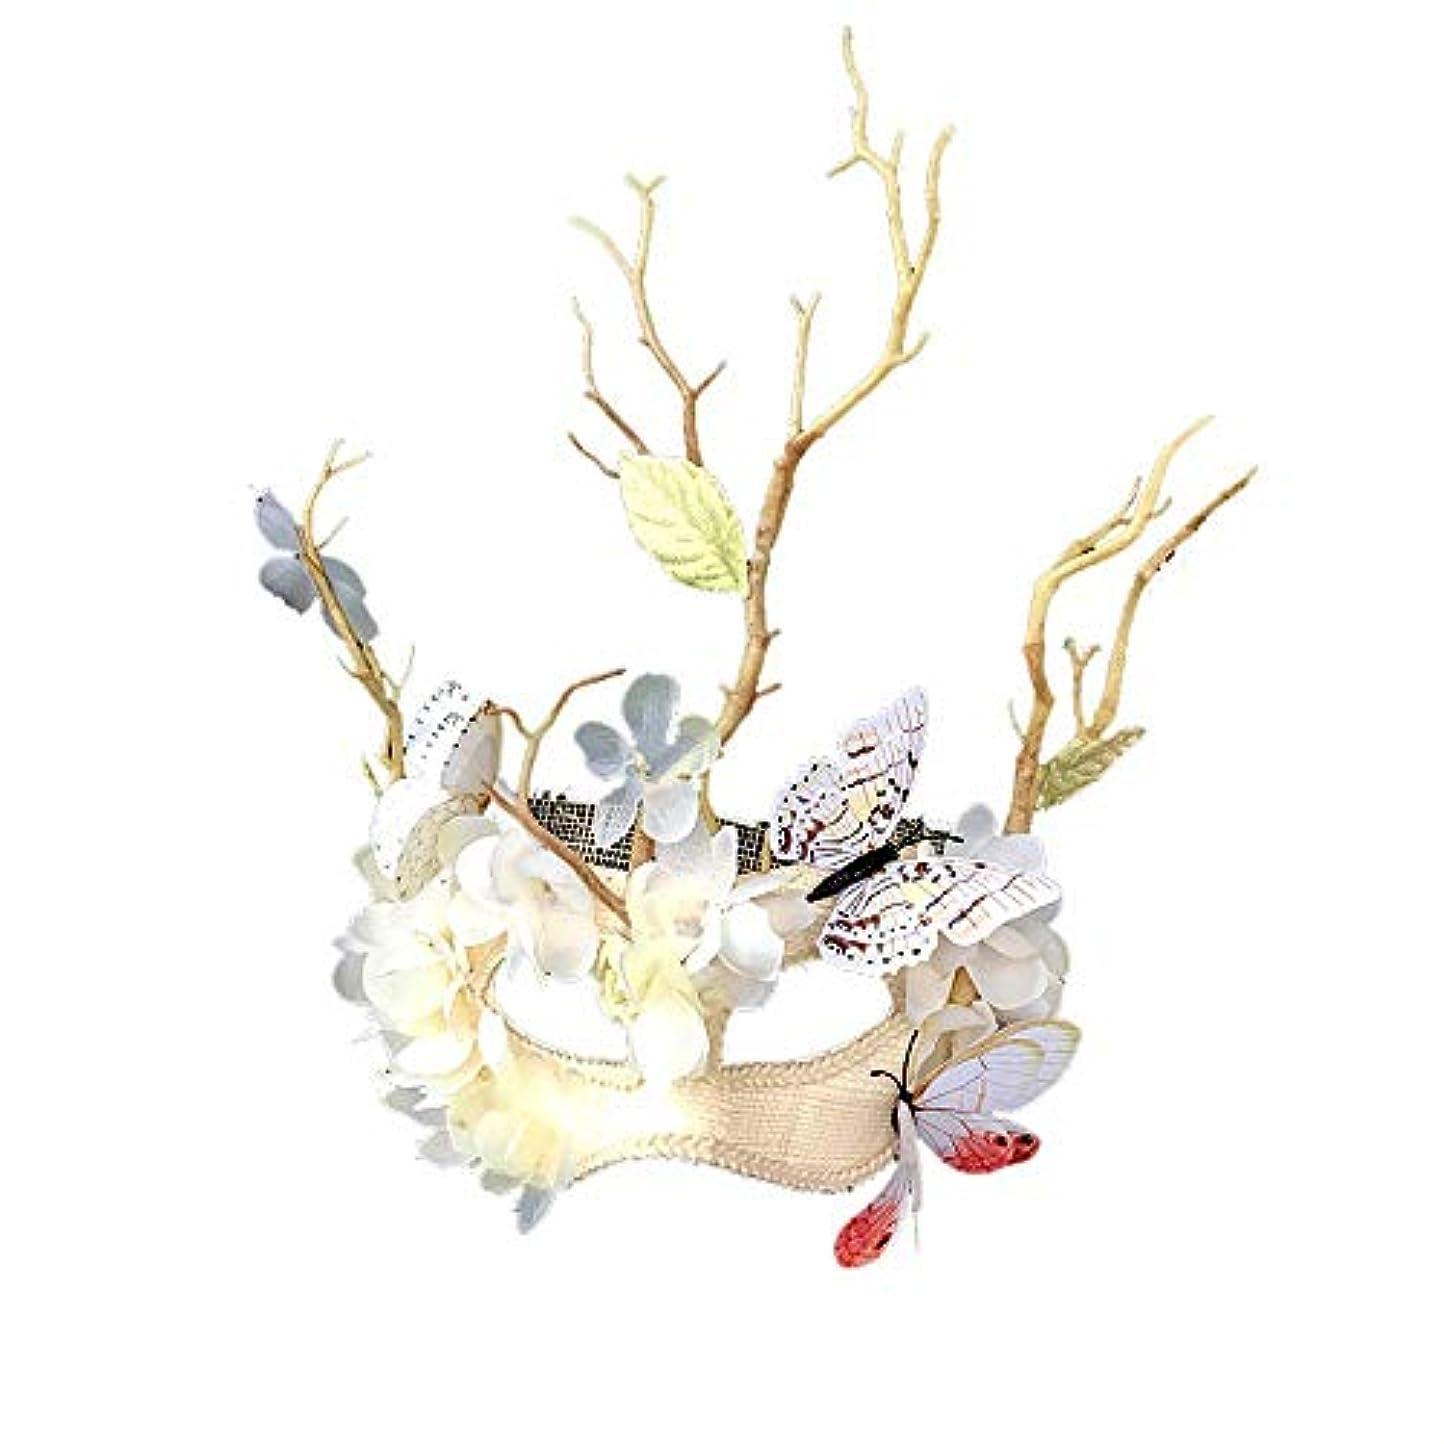 群れ対処羊飼いNanle ハロウィンの蝶の木ブランチマスク仮装マスクレディミスプリンセス美容祭パーティーデコレーション (色 : ベージュ)